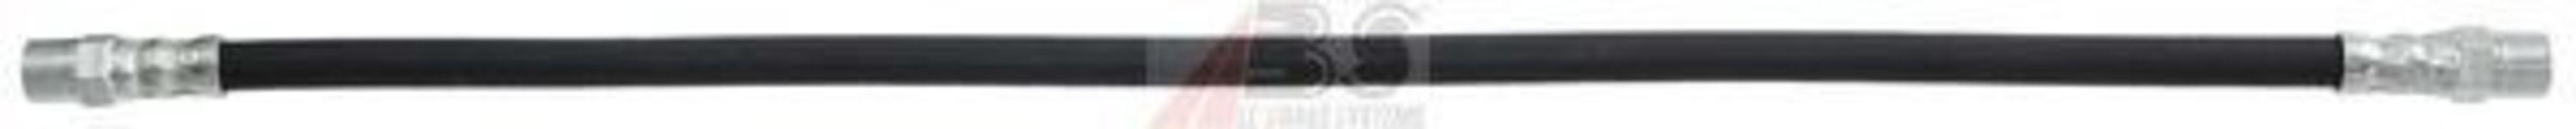 Шланг тормозной A.B.S. SL 3152